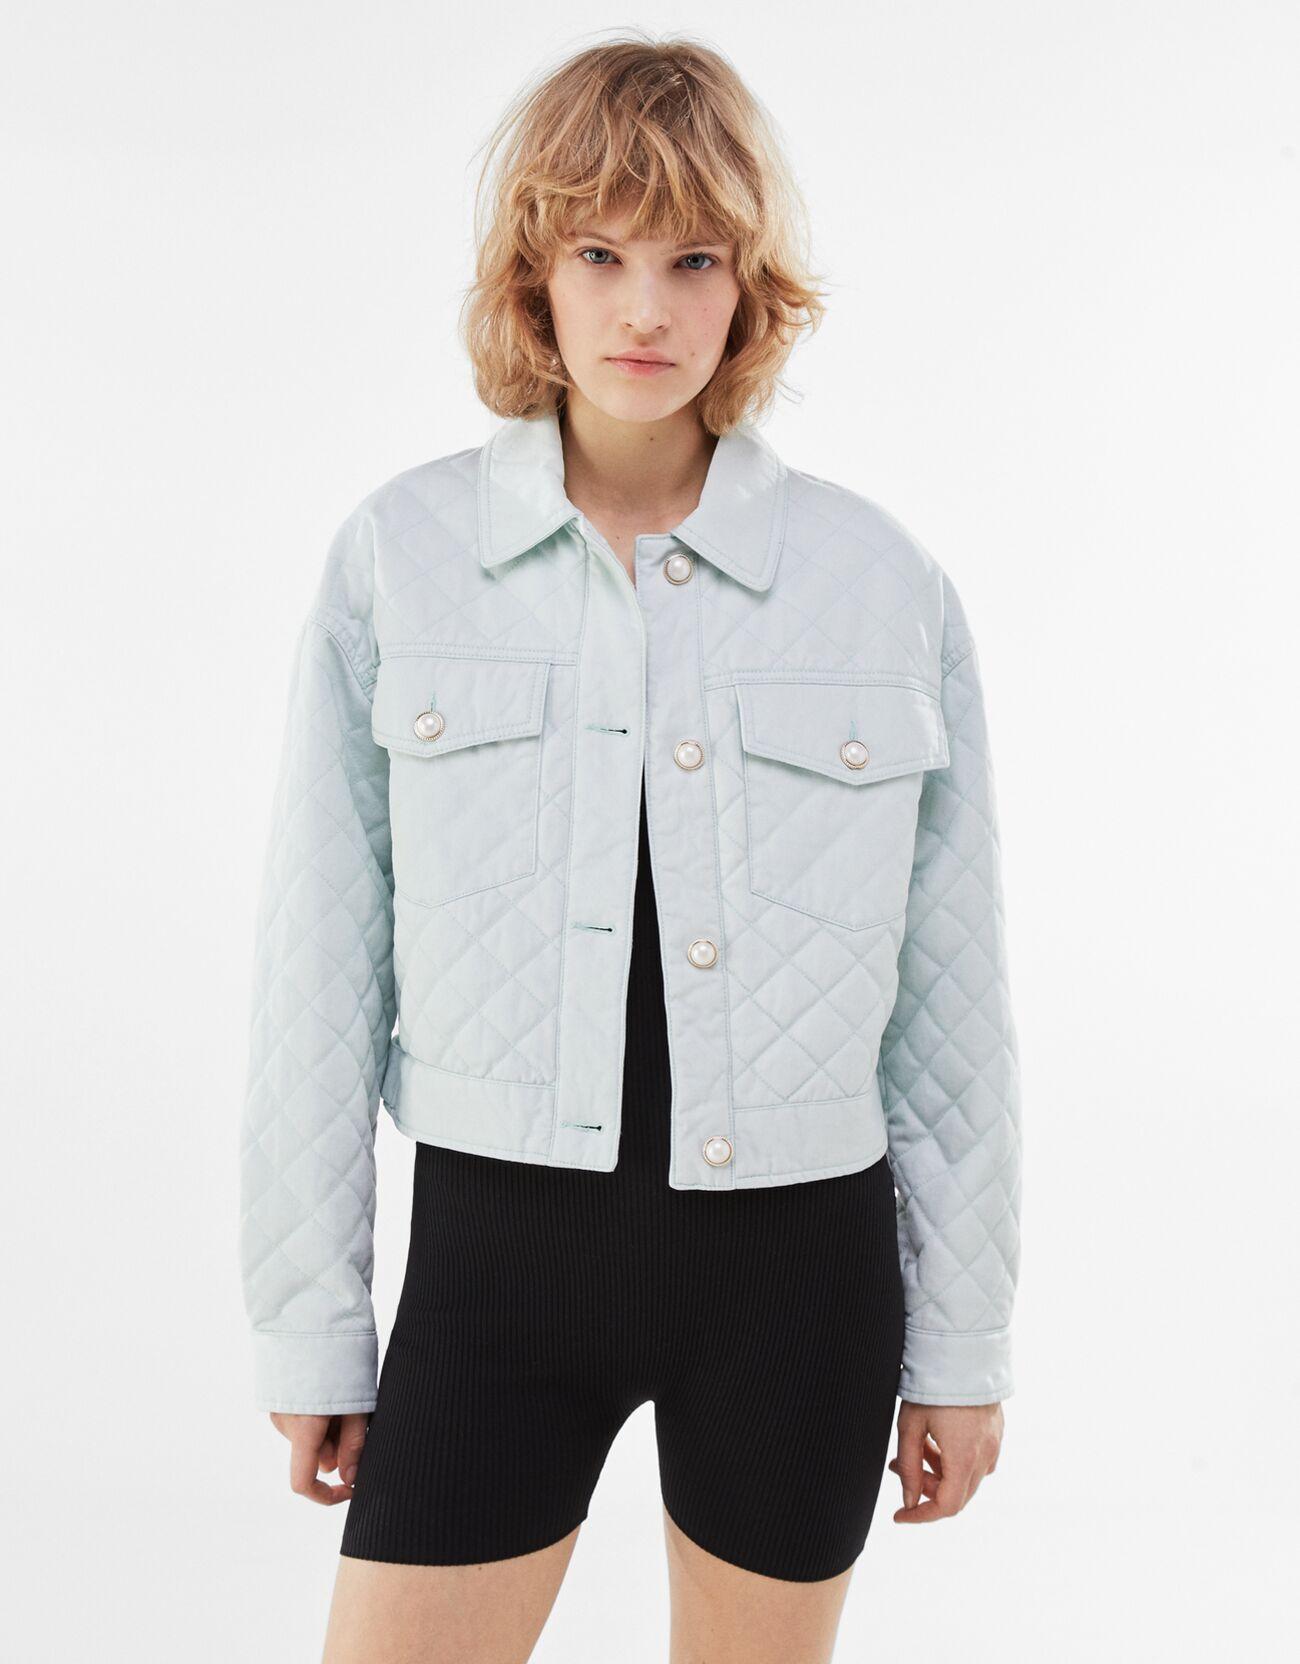 Artikel klicken und genauer betrachten! - Jacke Aus Baumwolle Mit Knöpfen Color: Grün Size: L Material: Baumwolle;Polyester Farbe:Grün Größe: L   im Online Shop kaufen